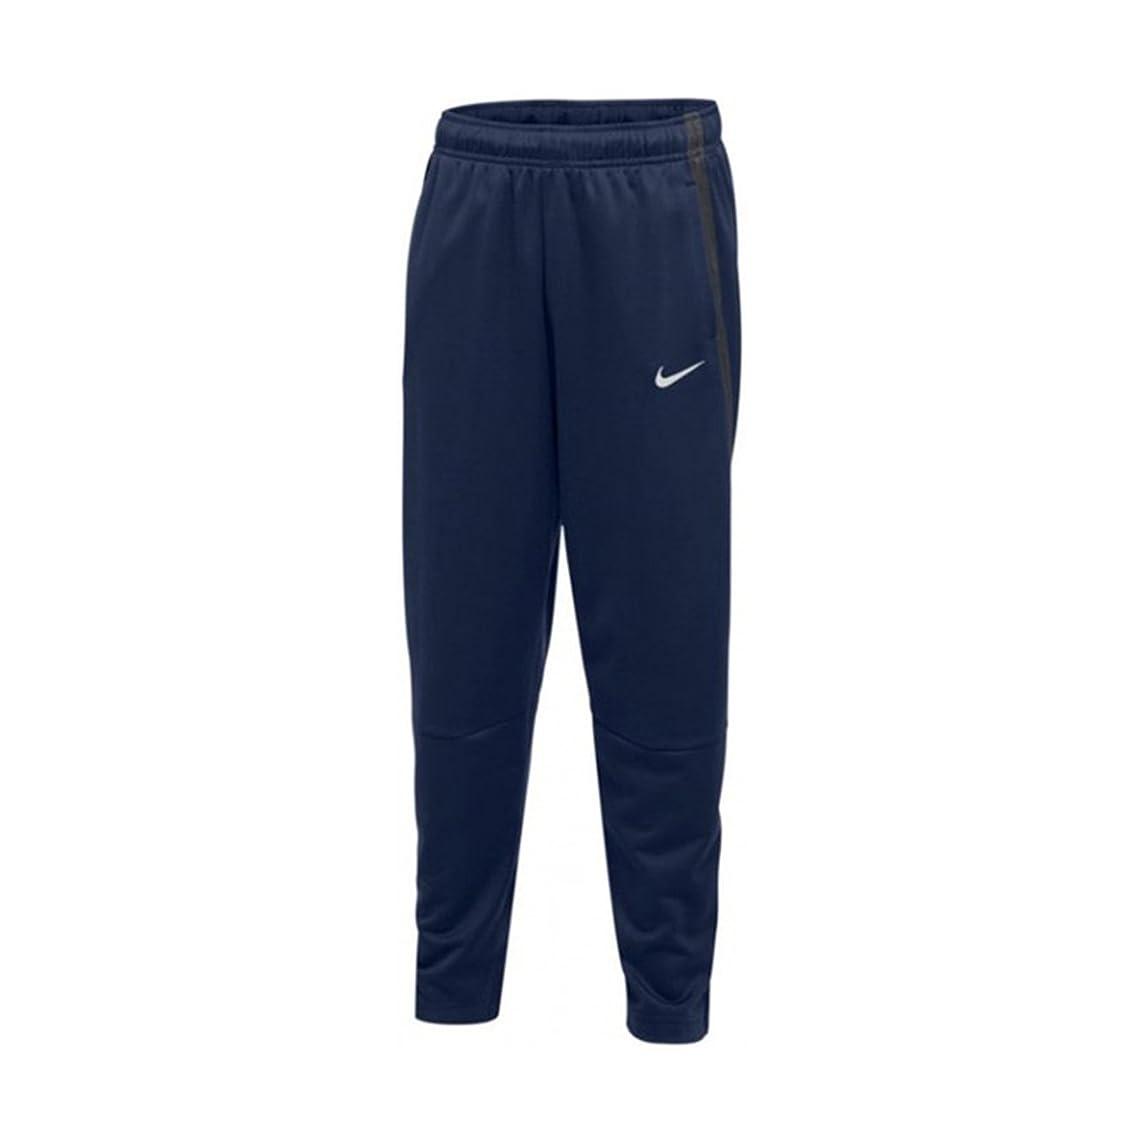 Nike Epic Training Pant Youth